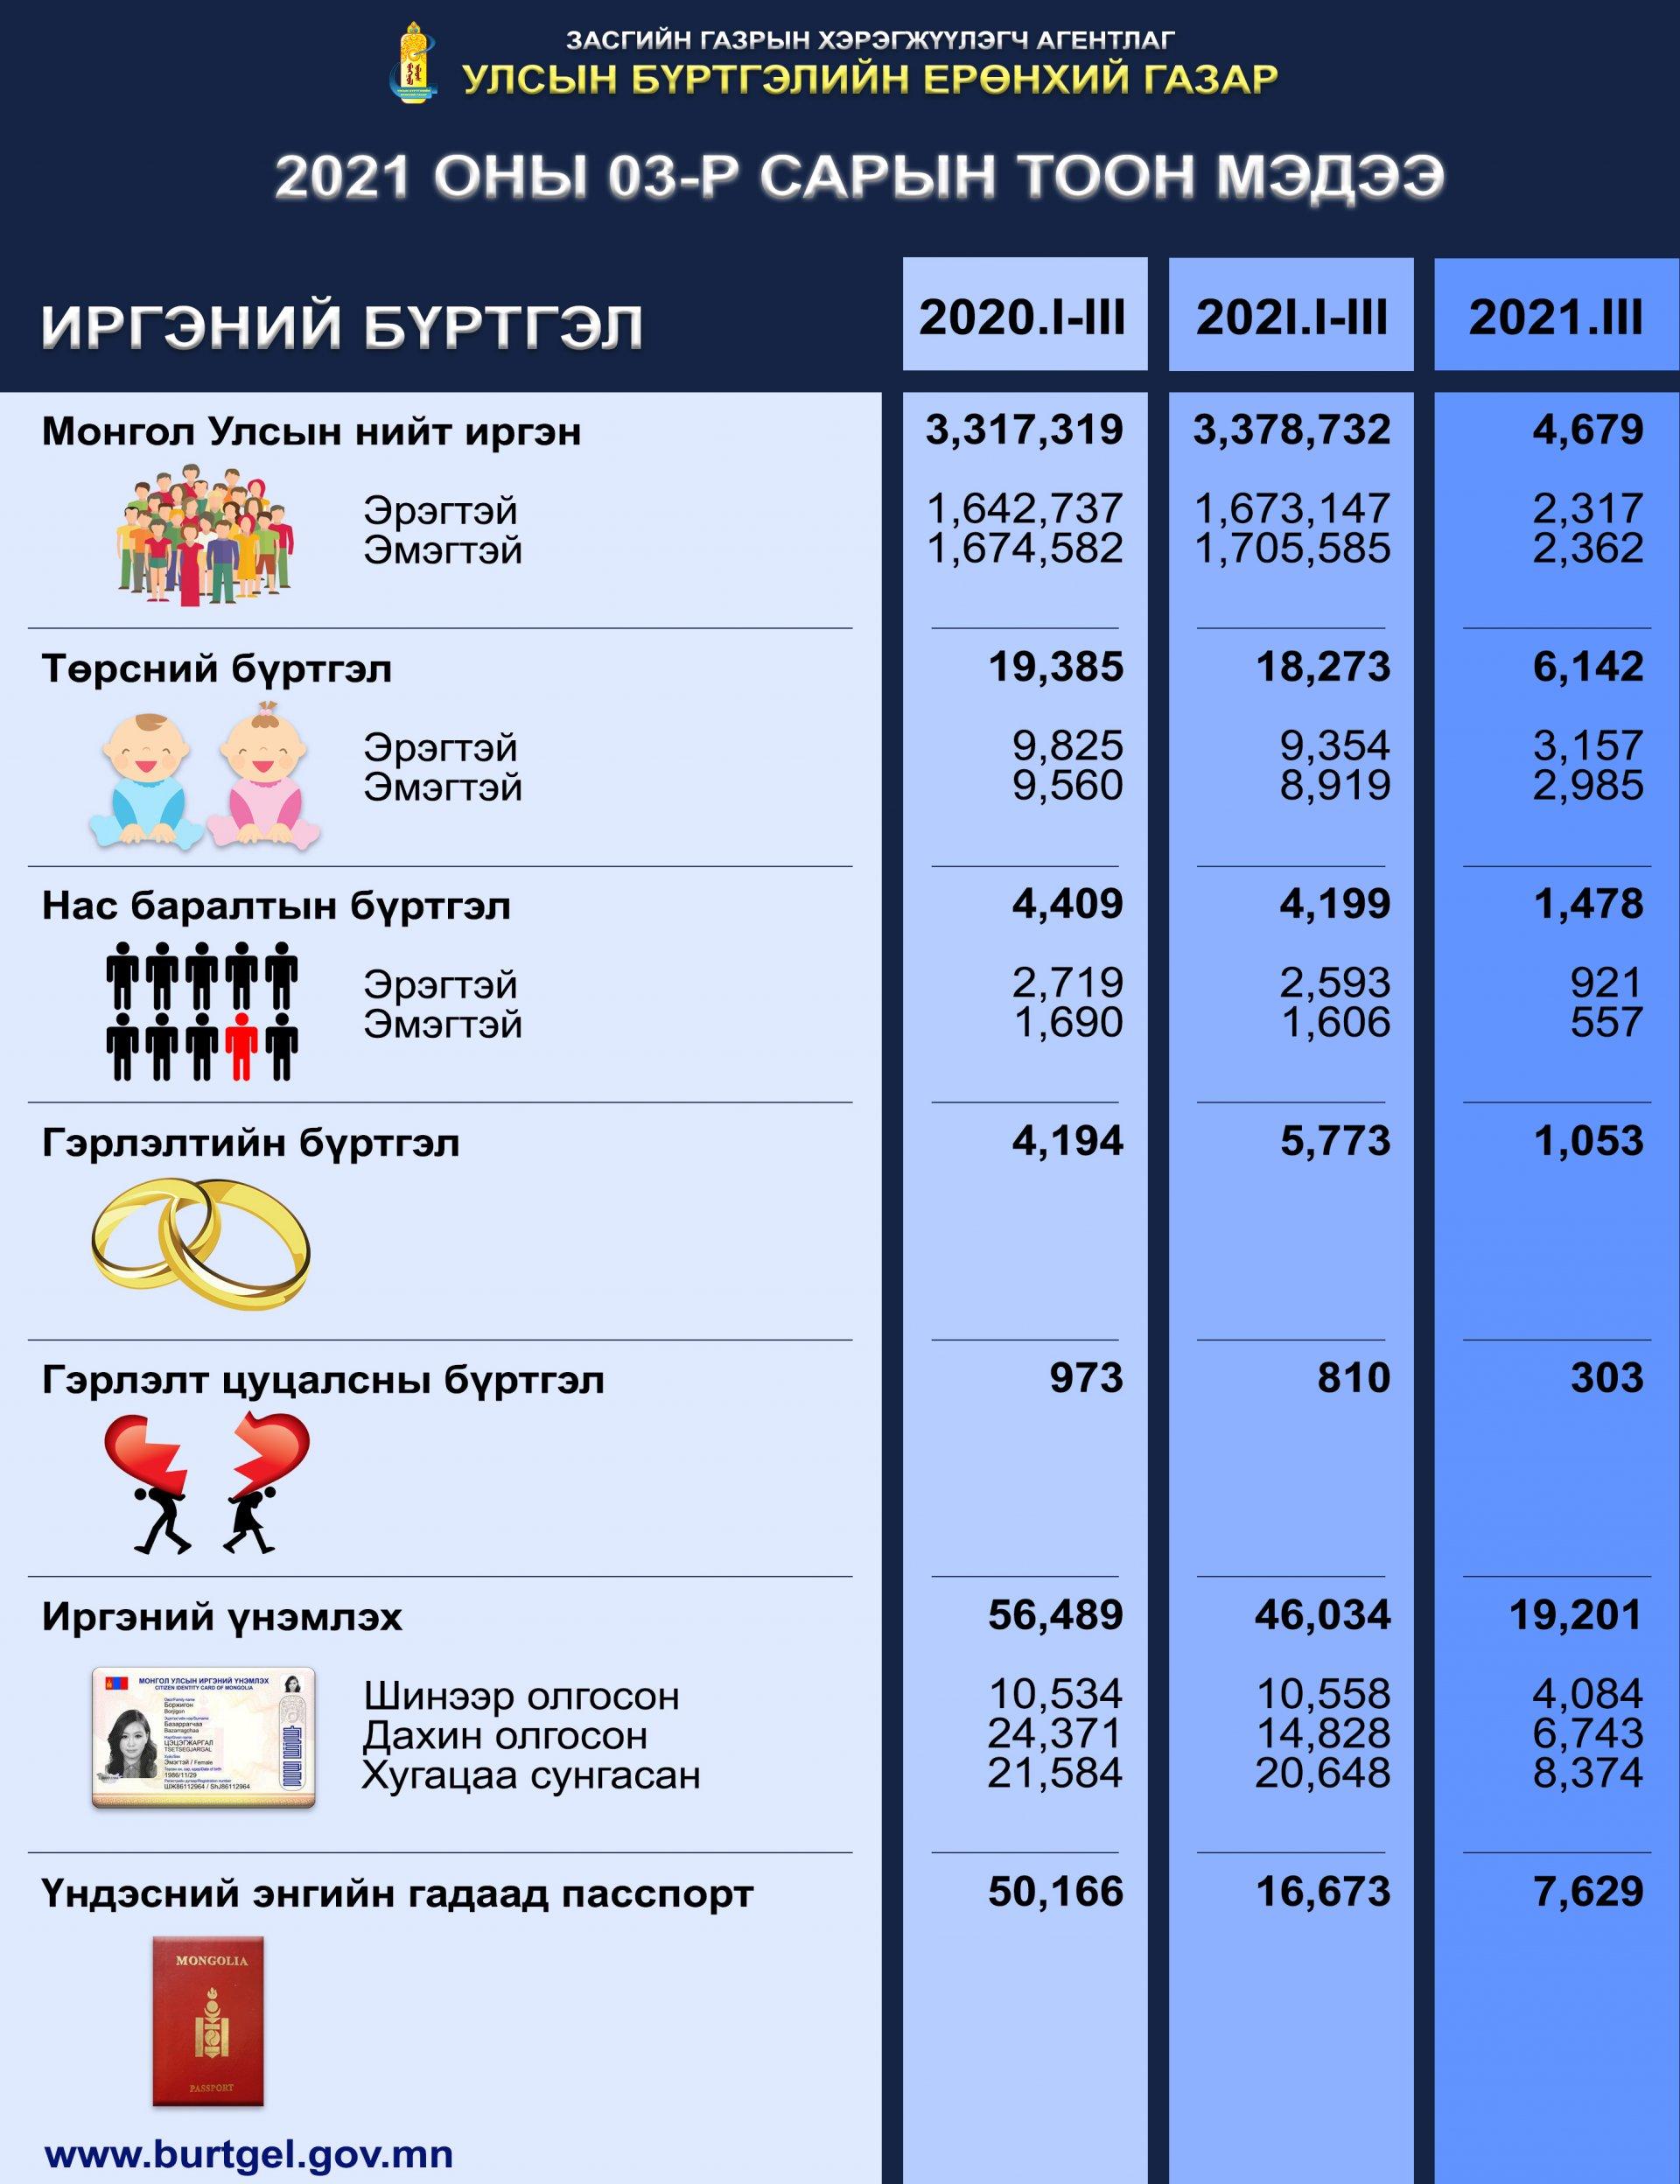 Улсын бүртгэлийн байгууллагын 03-р сарын тоон мэдээ